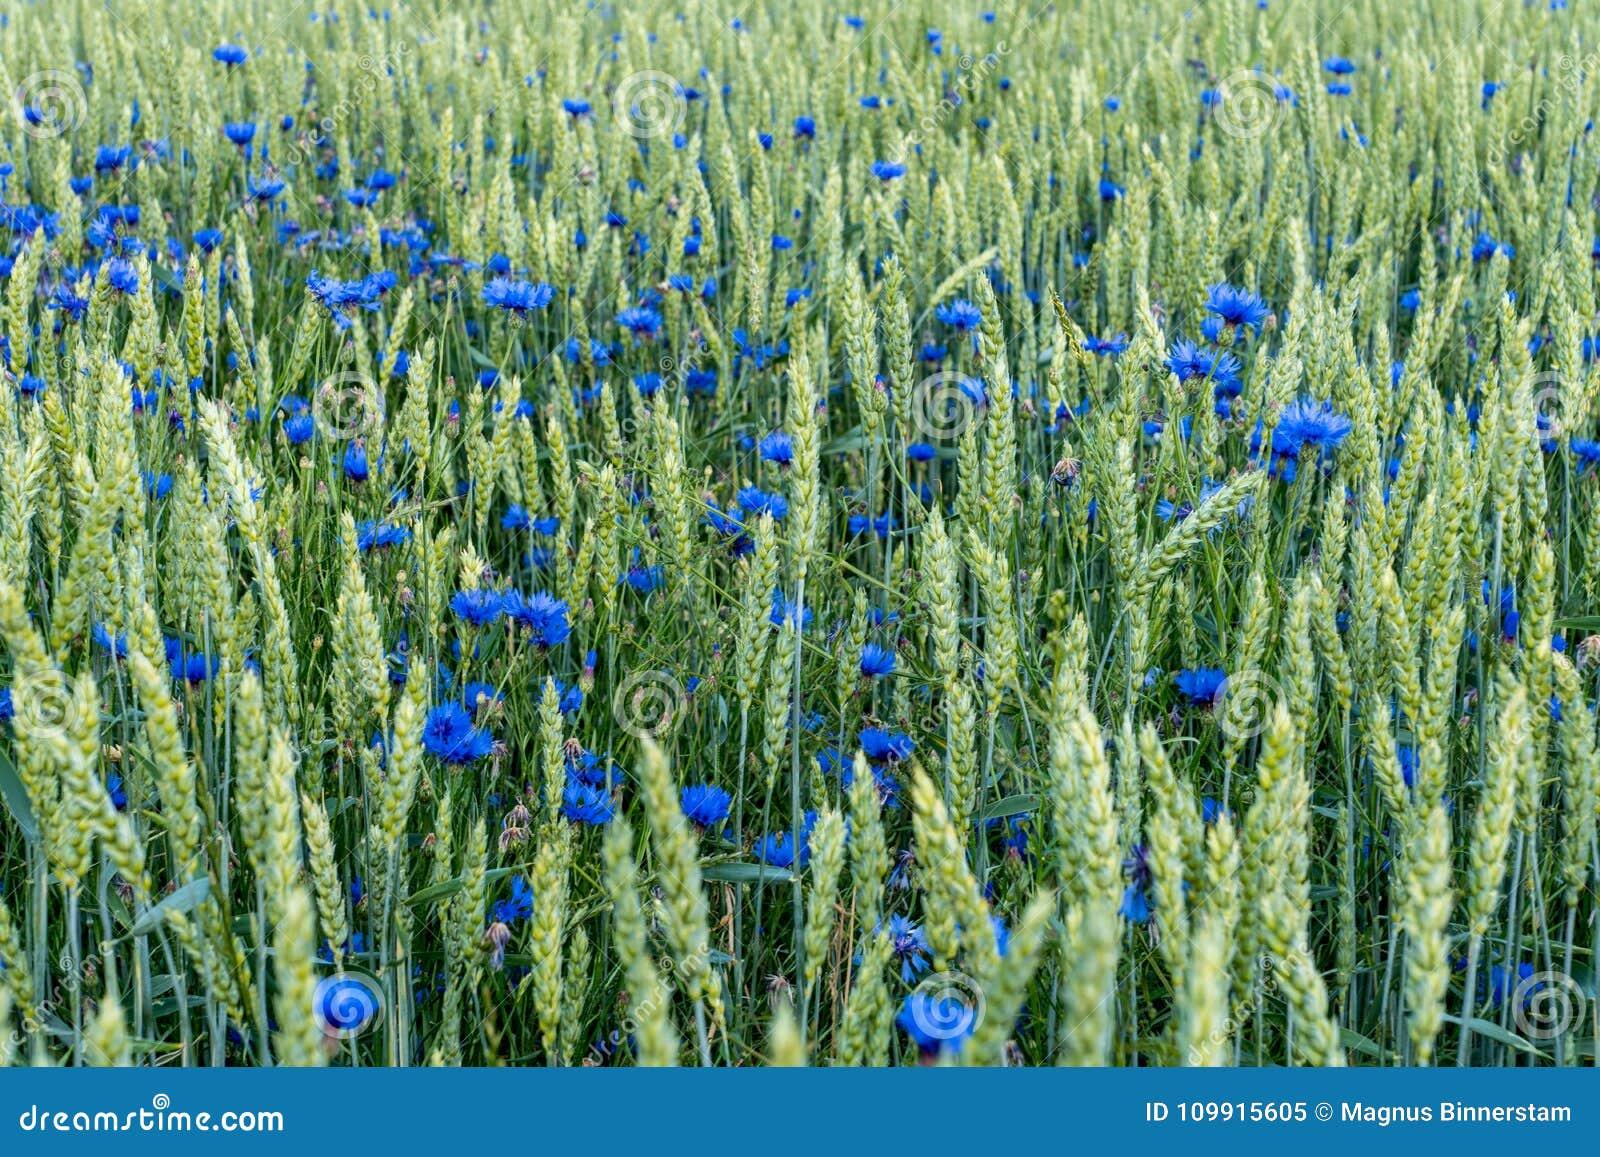 Pole banatka z błękitnymi czapeczka kwiatami mieszał z zielonymi słoma